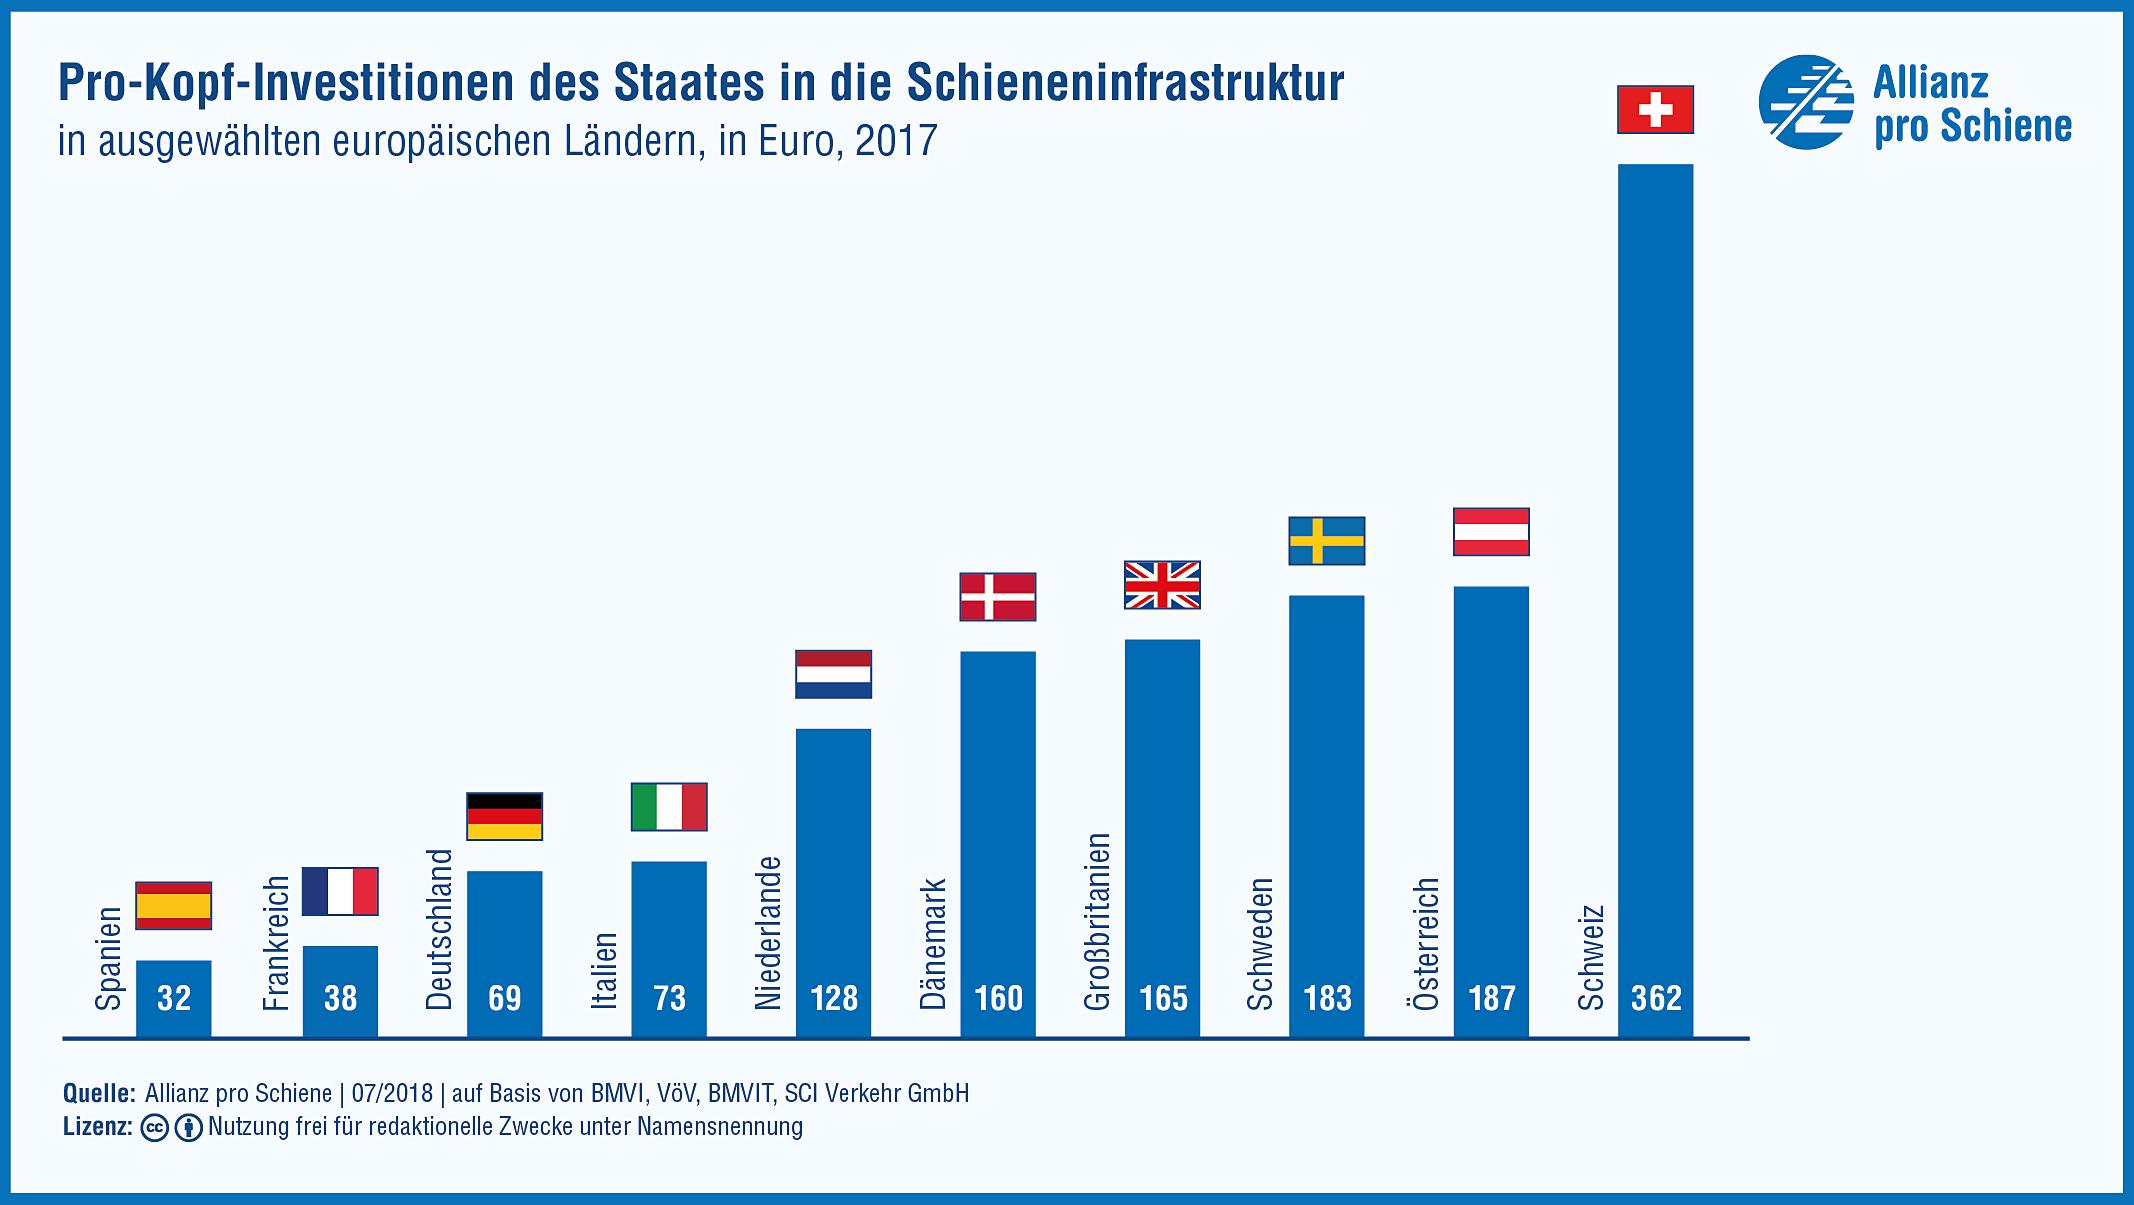 Infografik: Deutschland liegt bei den Pro-Kopf-Investitionen in die Eisenbahn hinten; sogar Italien gibt mehr aus.